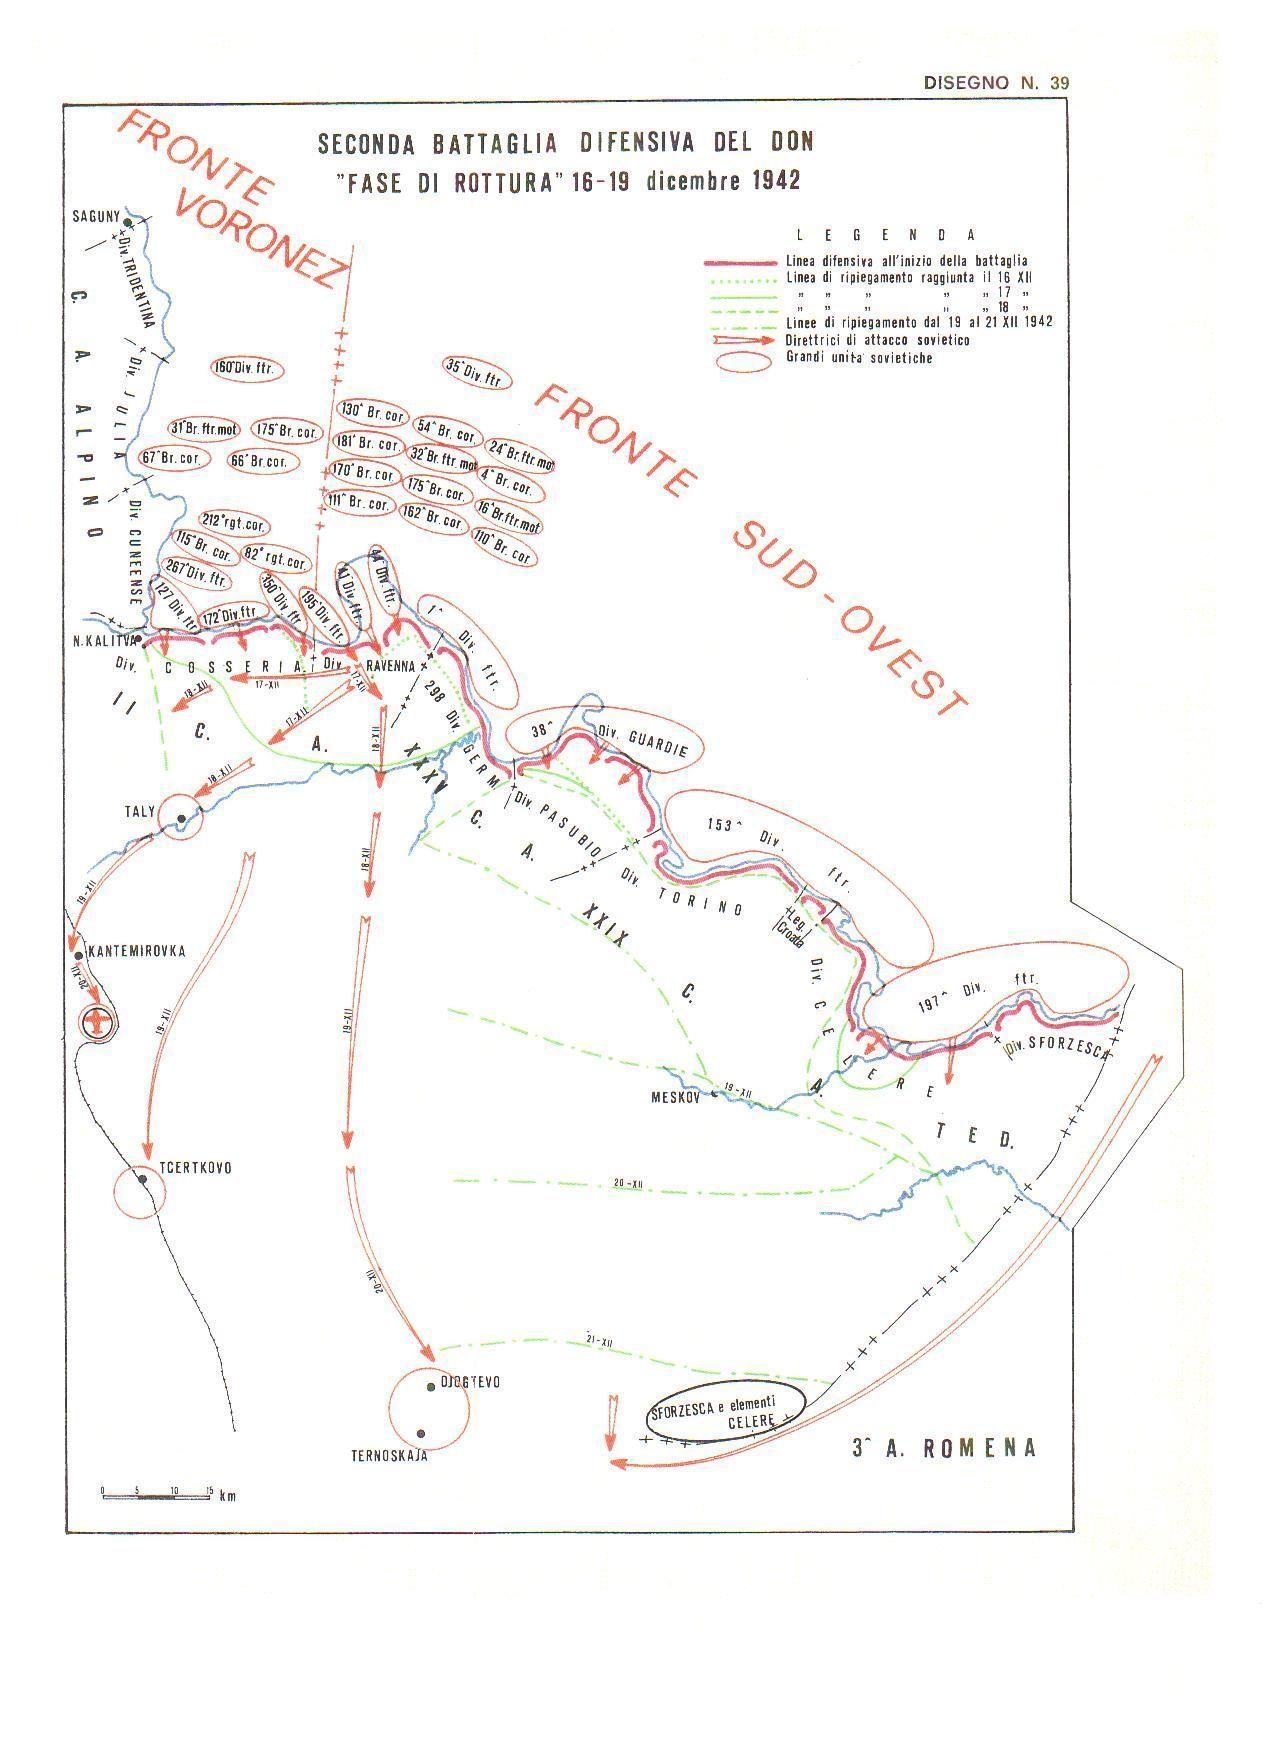 Operación Pequeño Saturno. La destrucción del 8.º Ejército italiano en el Don (Diciembre 1942-Enero 1943)